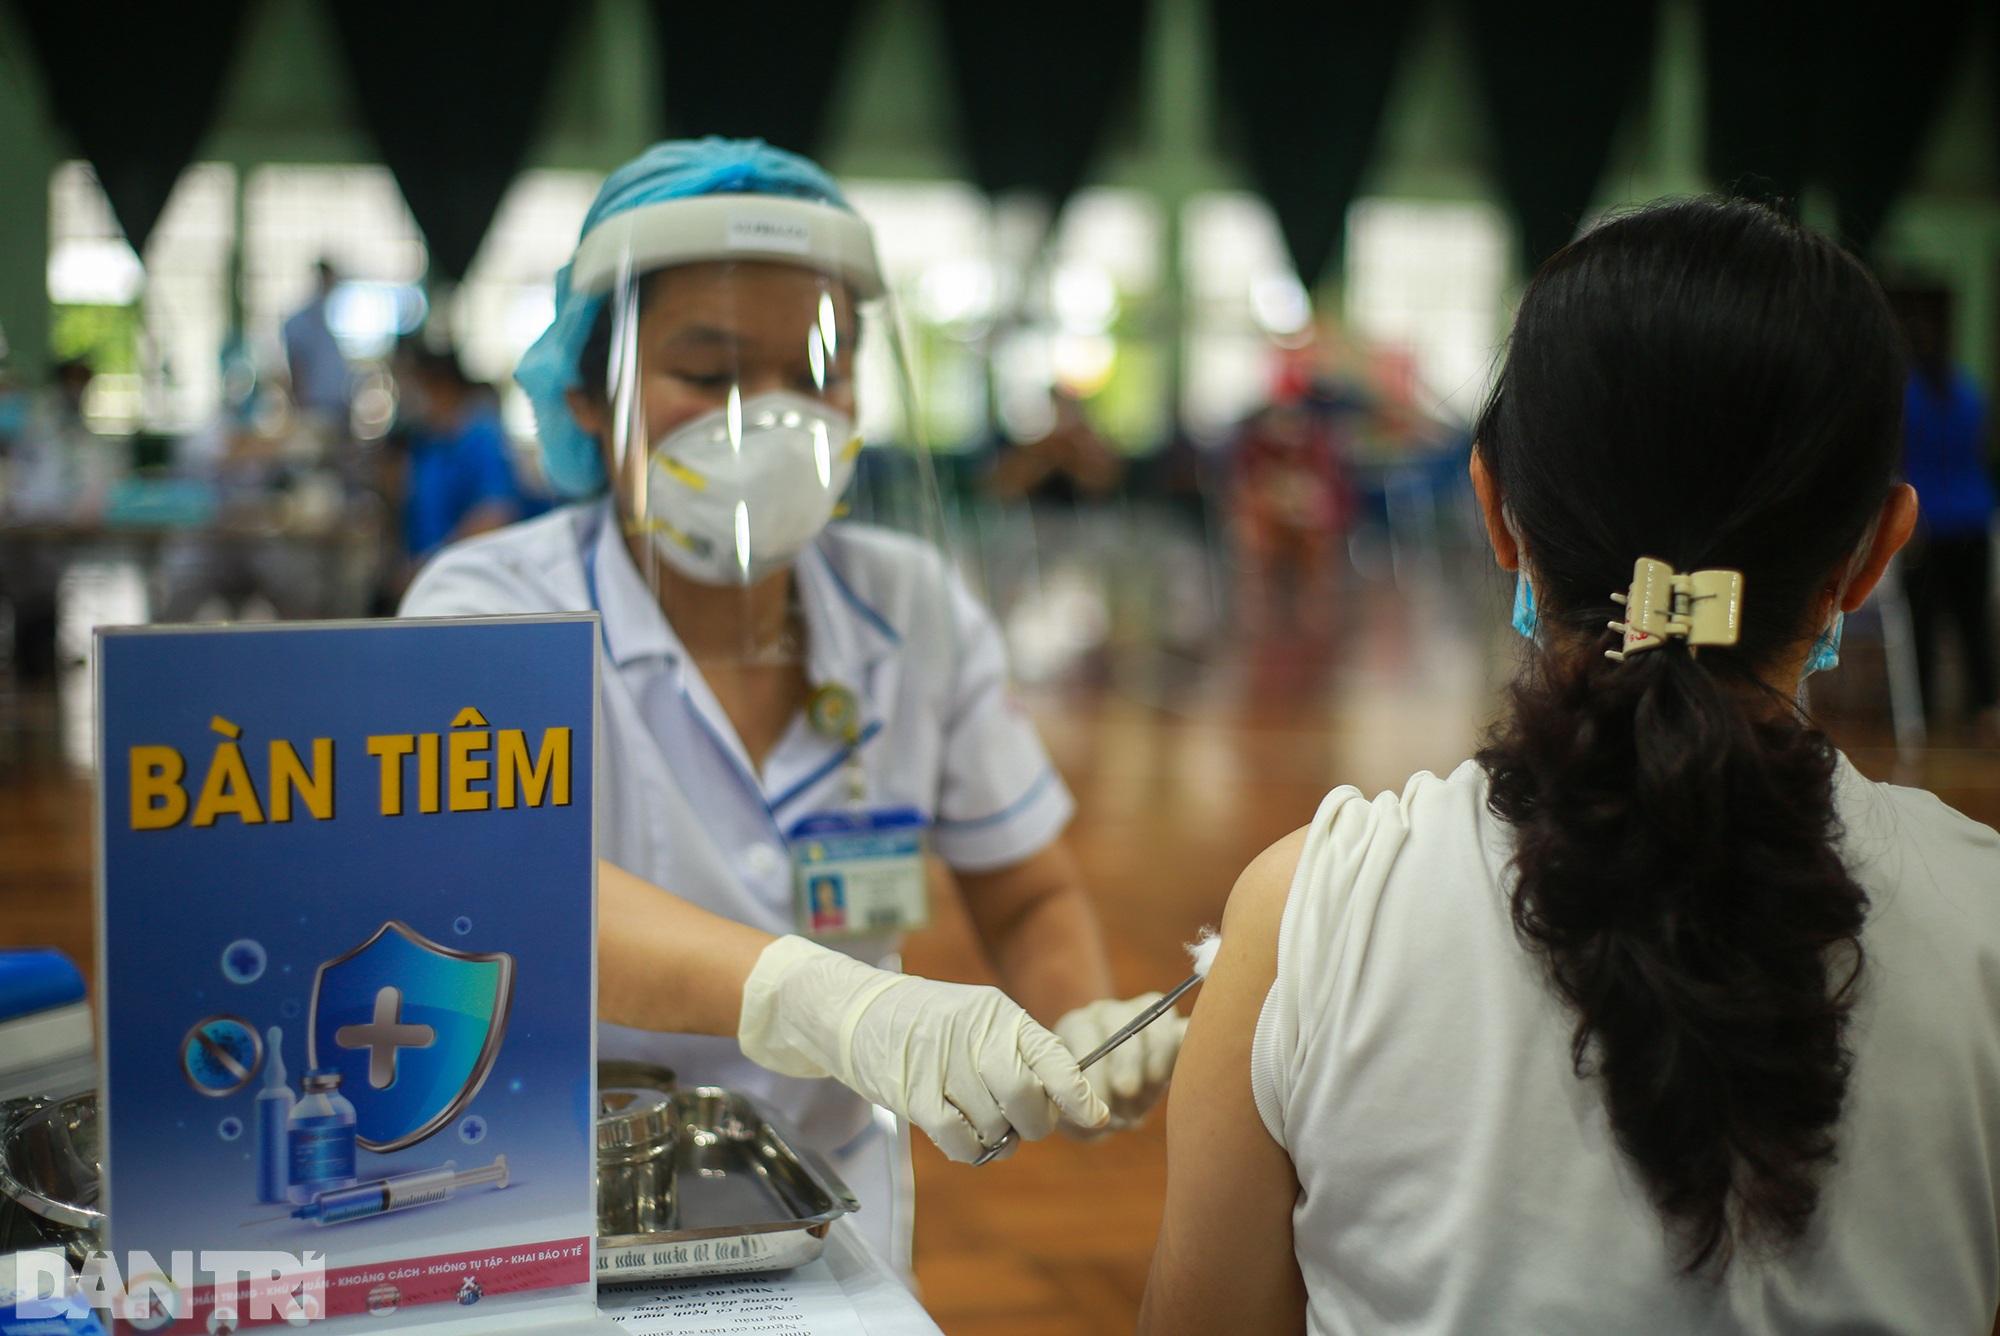 TPHCM dùng trường học, nhà thi đấu để tiêm vắc xin Covid-19 cho 1 triệu dân - 4